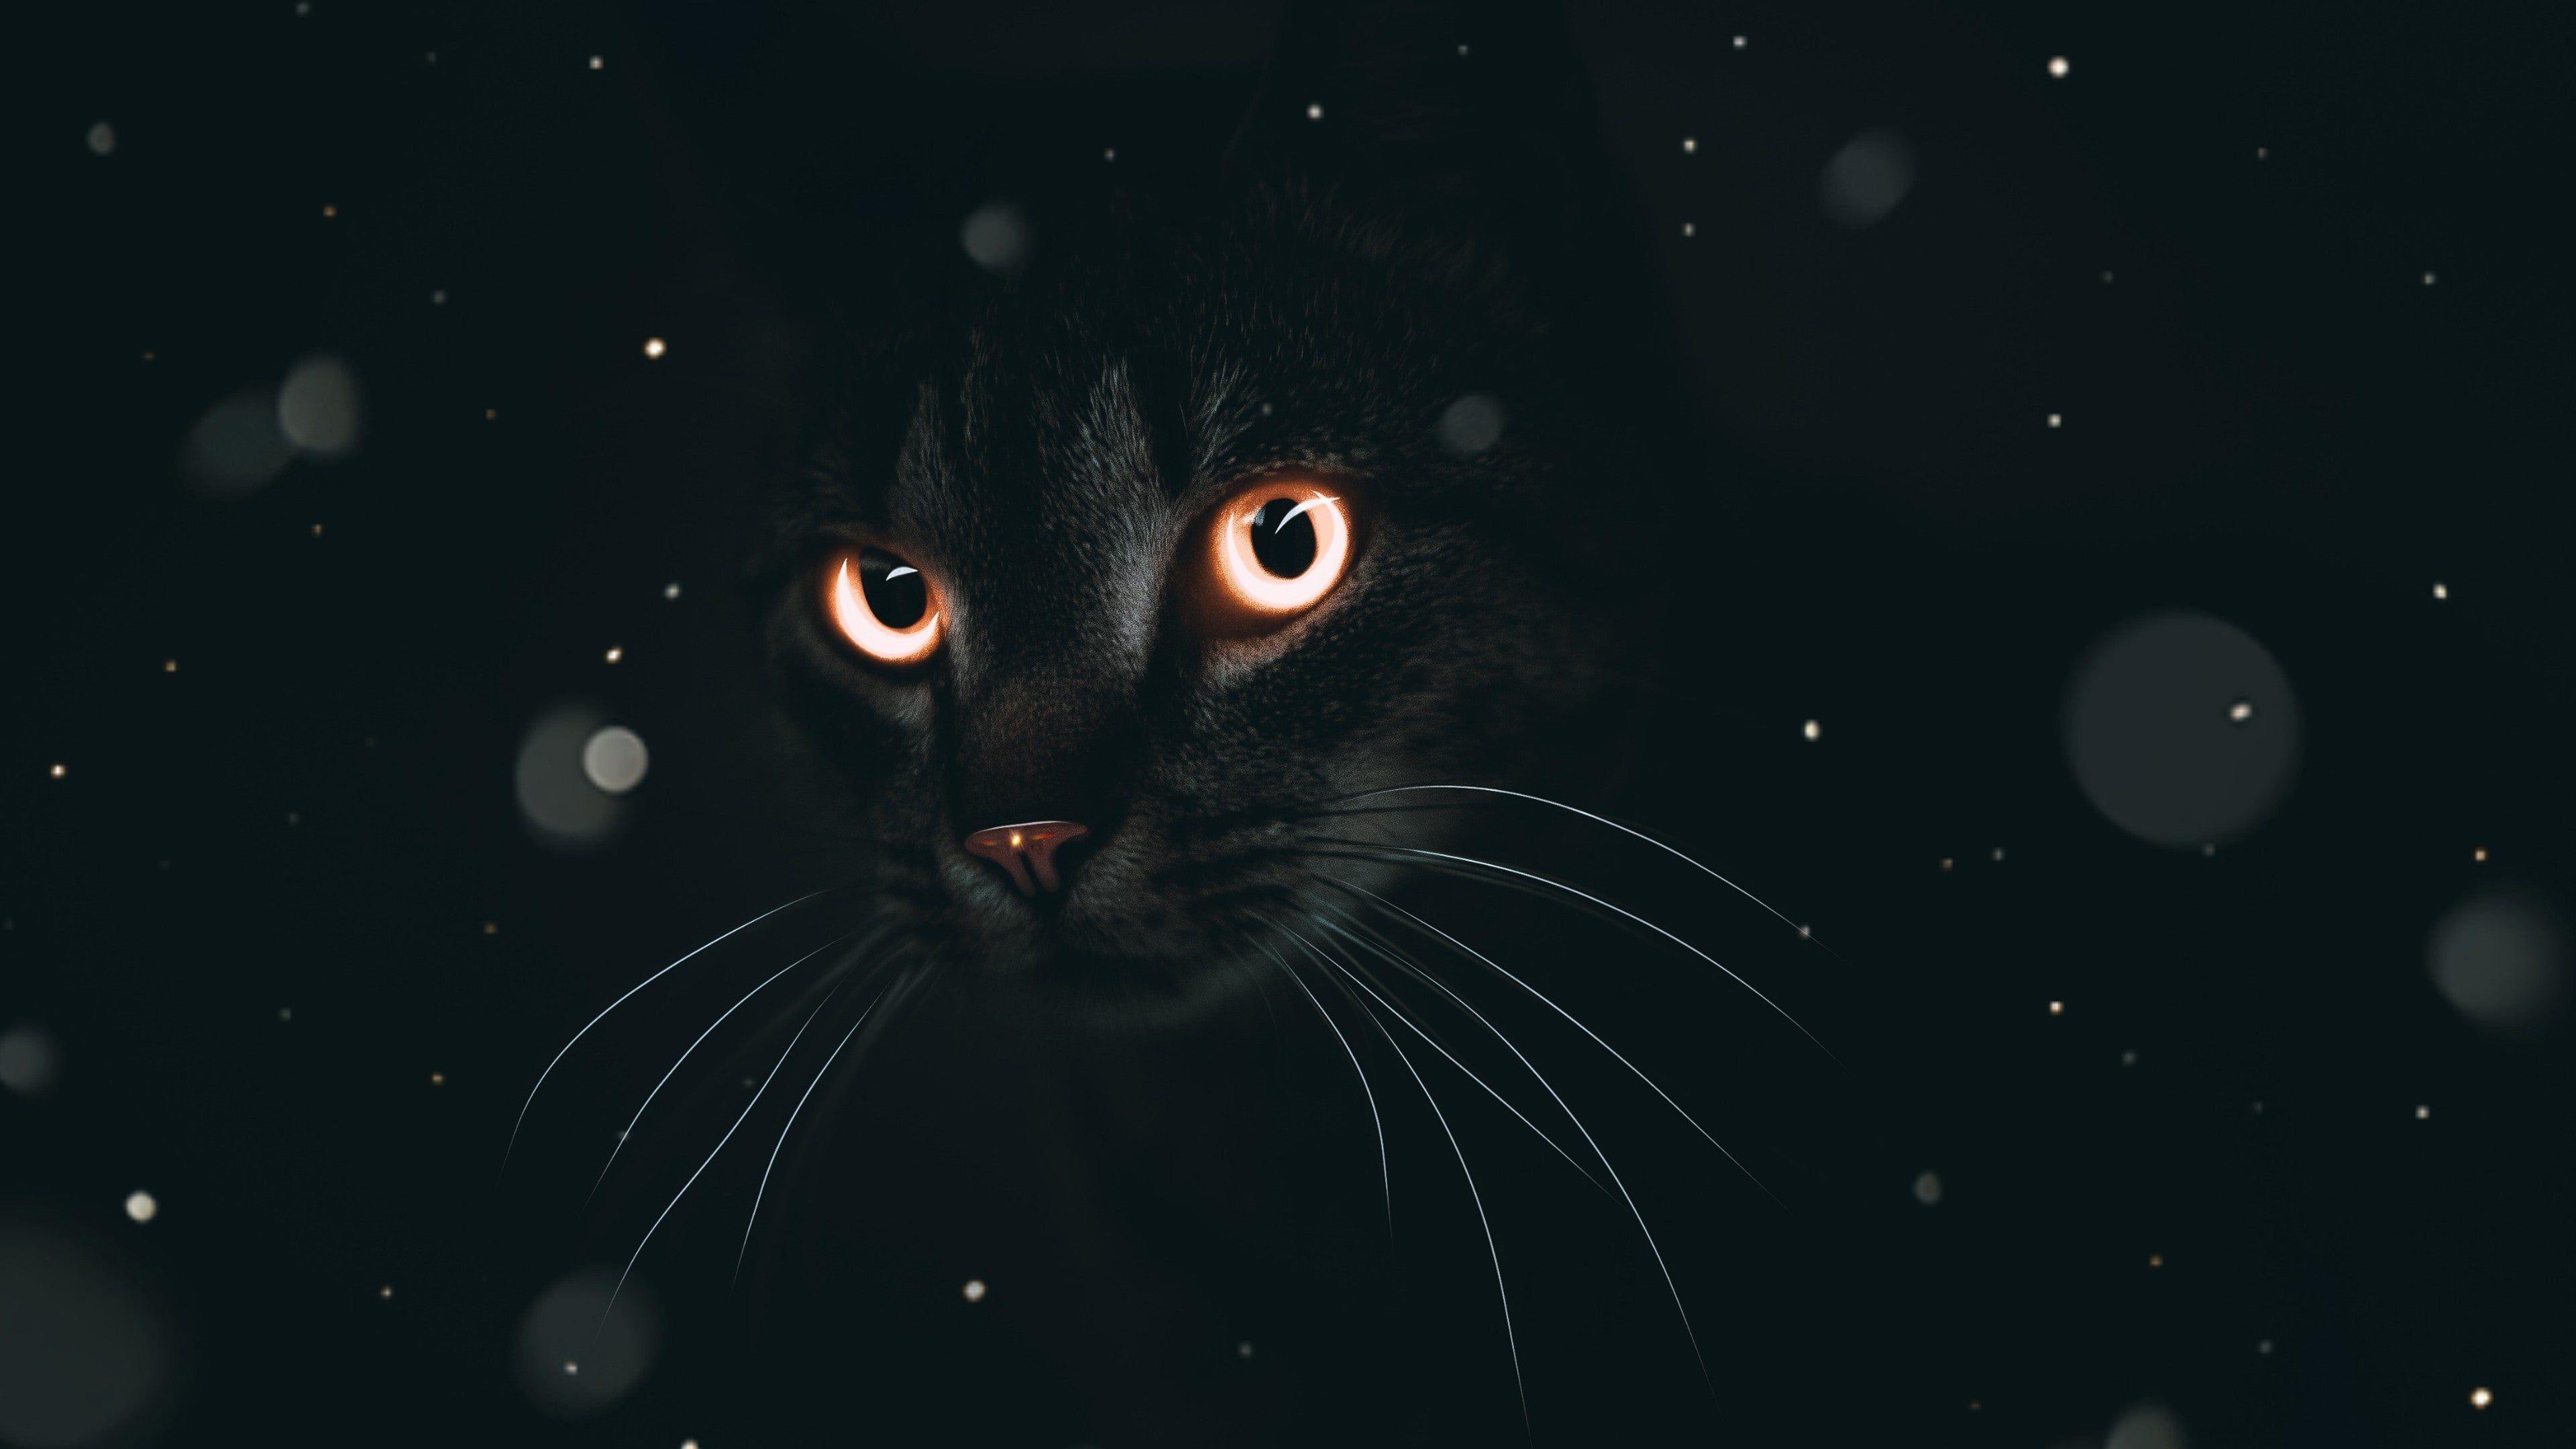 Dark Mode 4k Wallpaper In 2020 Cat Dark Computer Wallpaper Desktop Wallpapers Cats